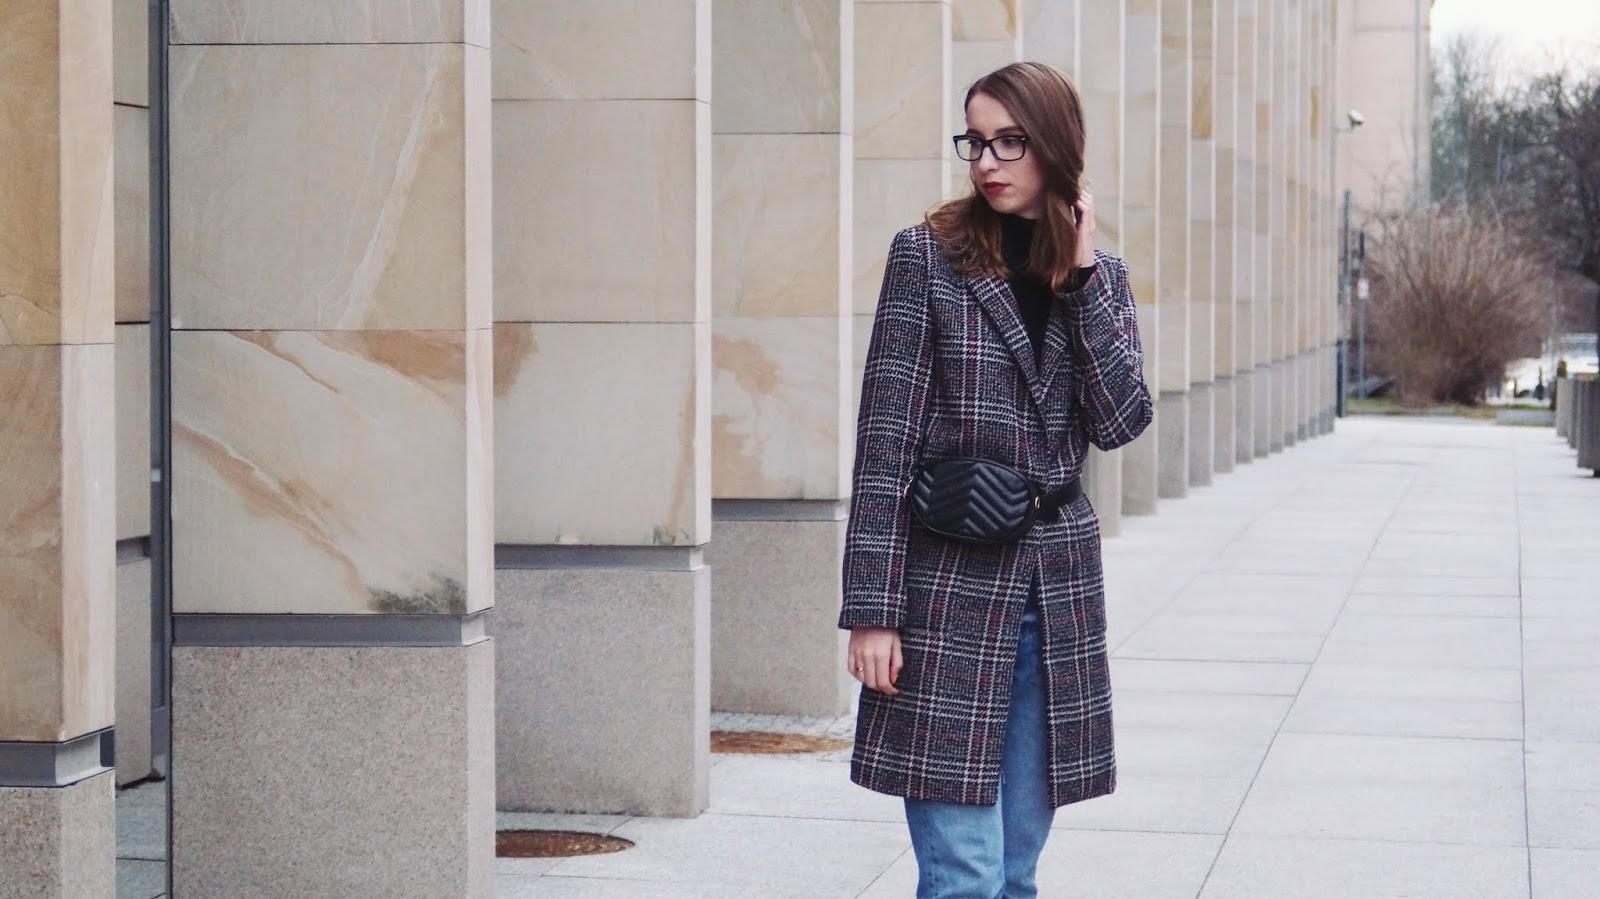 Płaszcz w kratę, nerka i ugly sneakers - stylizacja z modowym pazurem